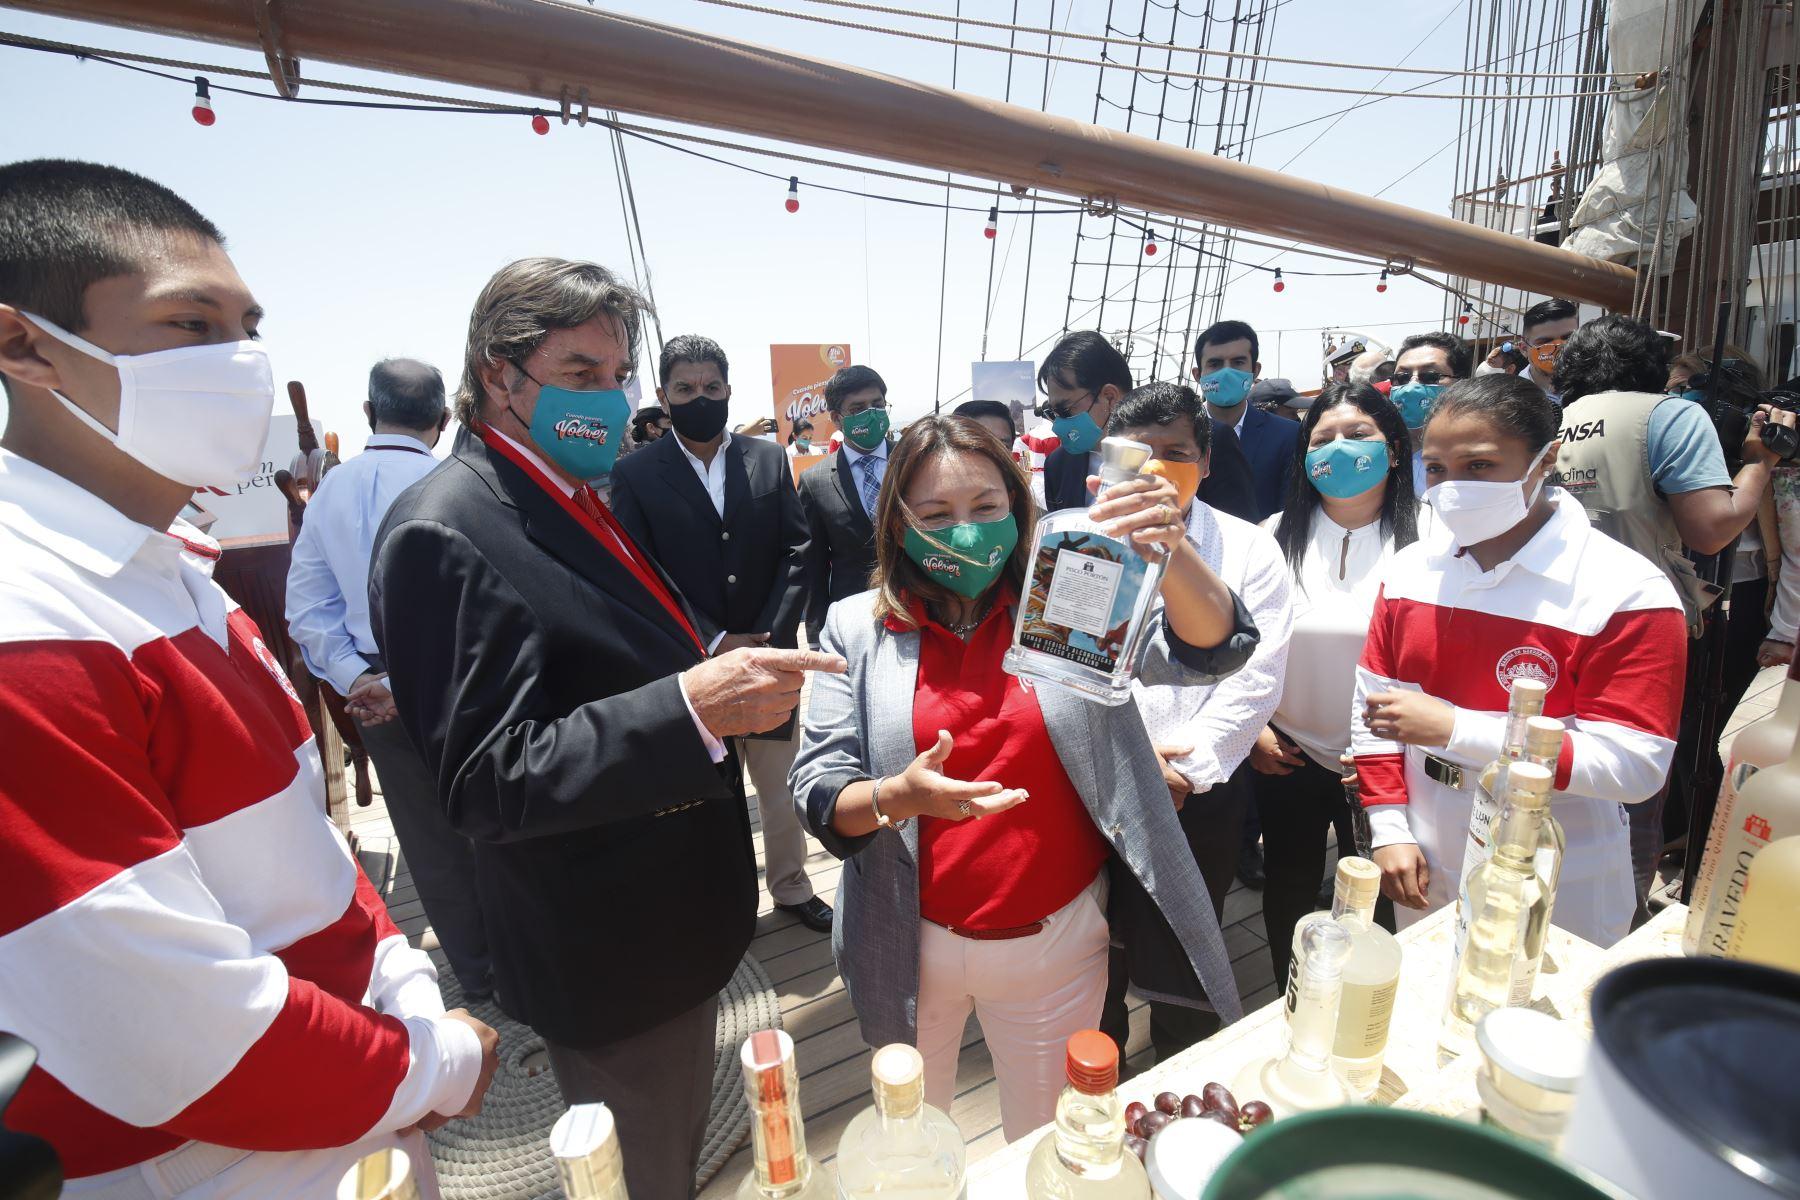 Productos que se exhiben en el BAP Unión, con el objetivo de promover un turismo responsable en Paracas. Foto: ANDINA/ Juan Carlos Guzmán